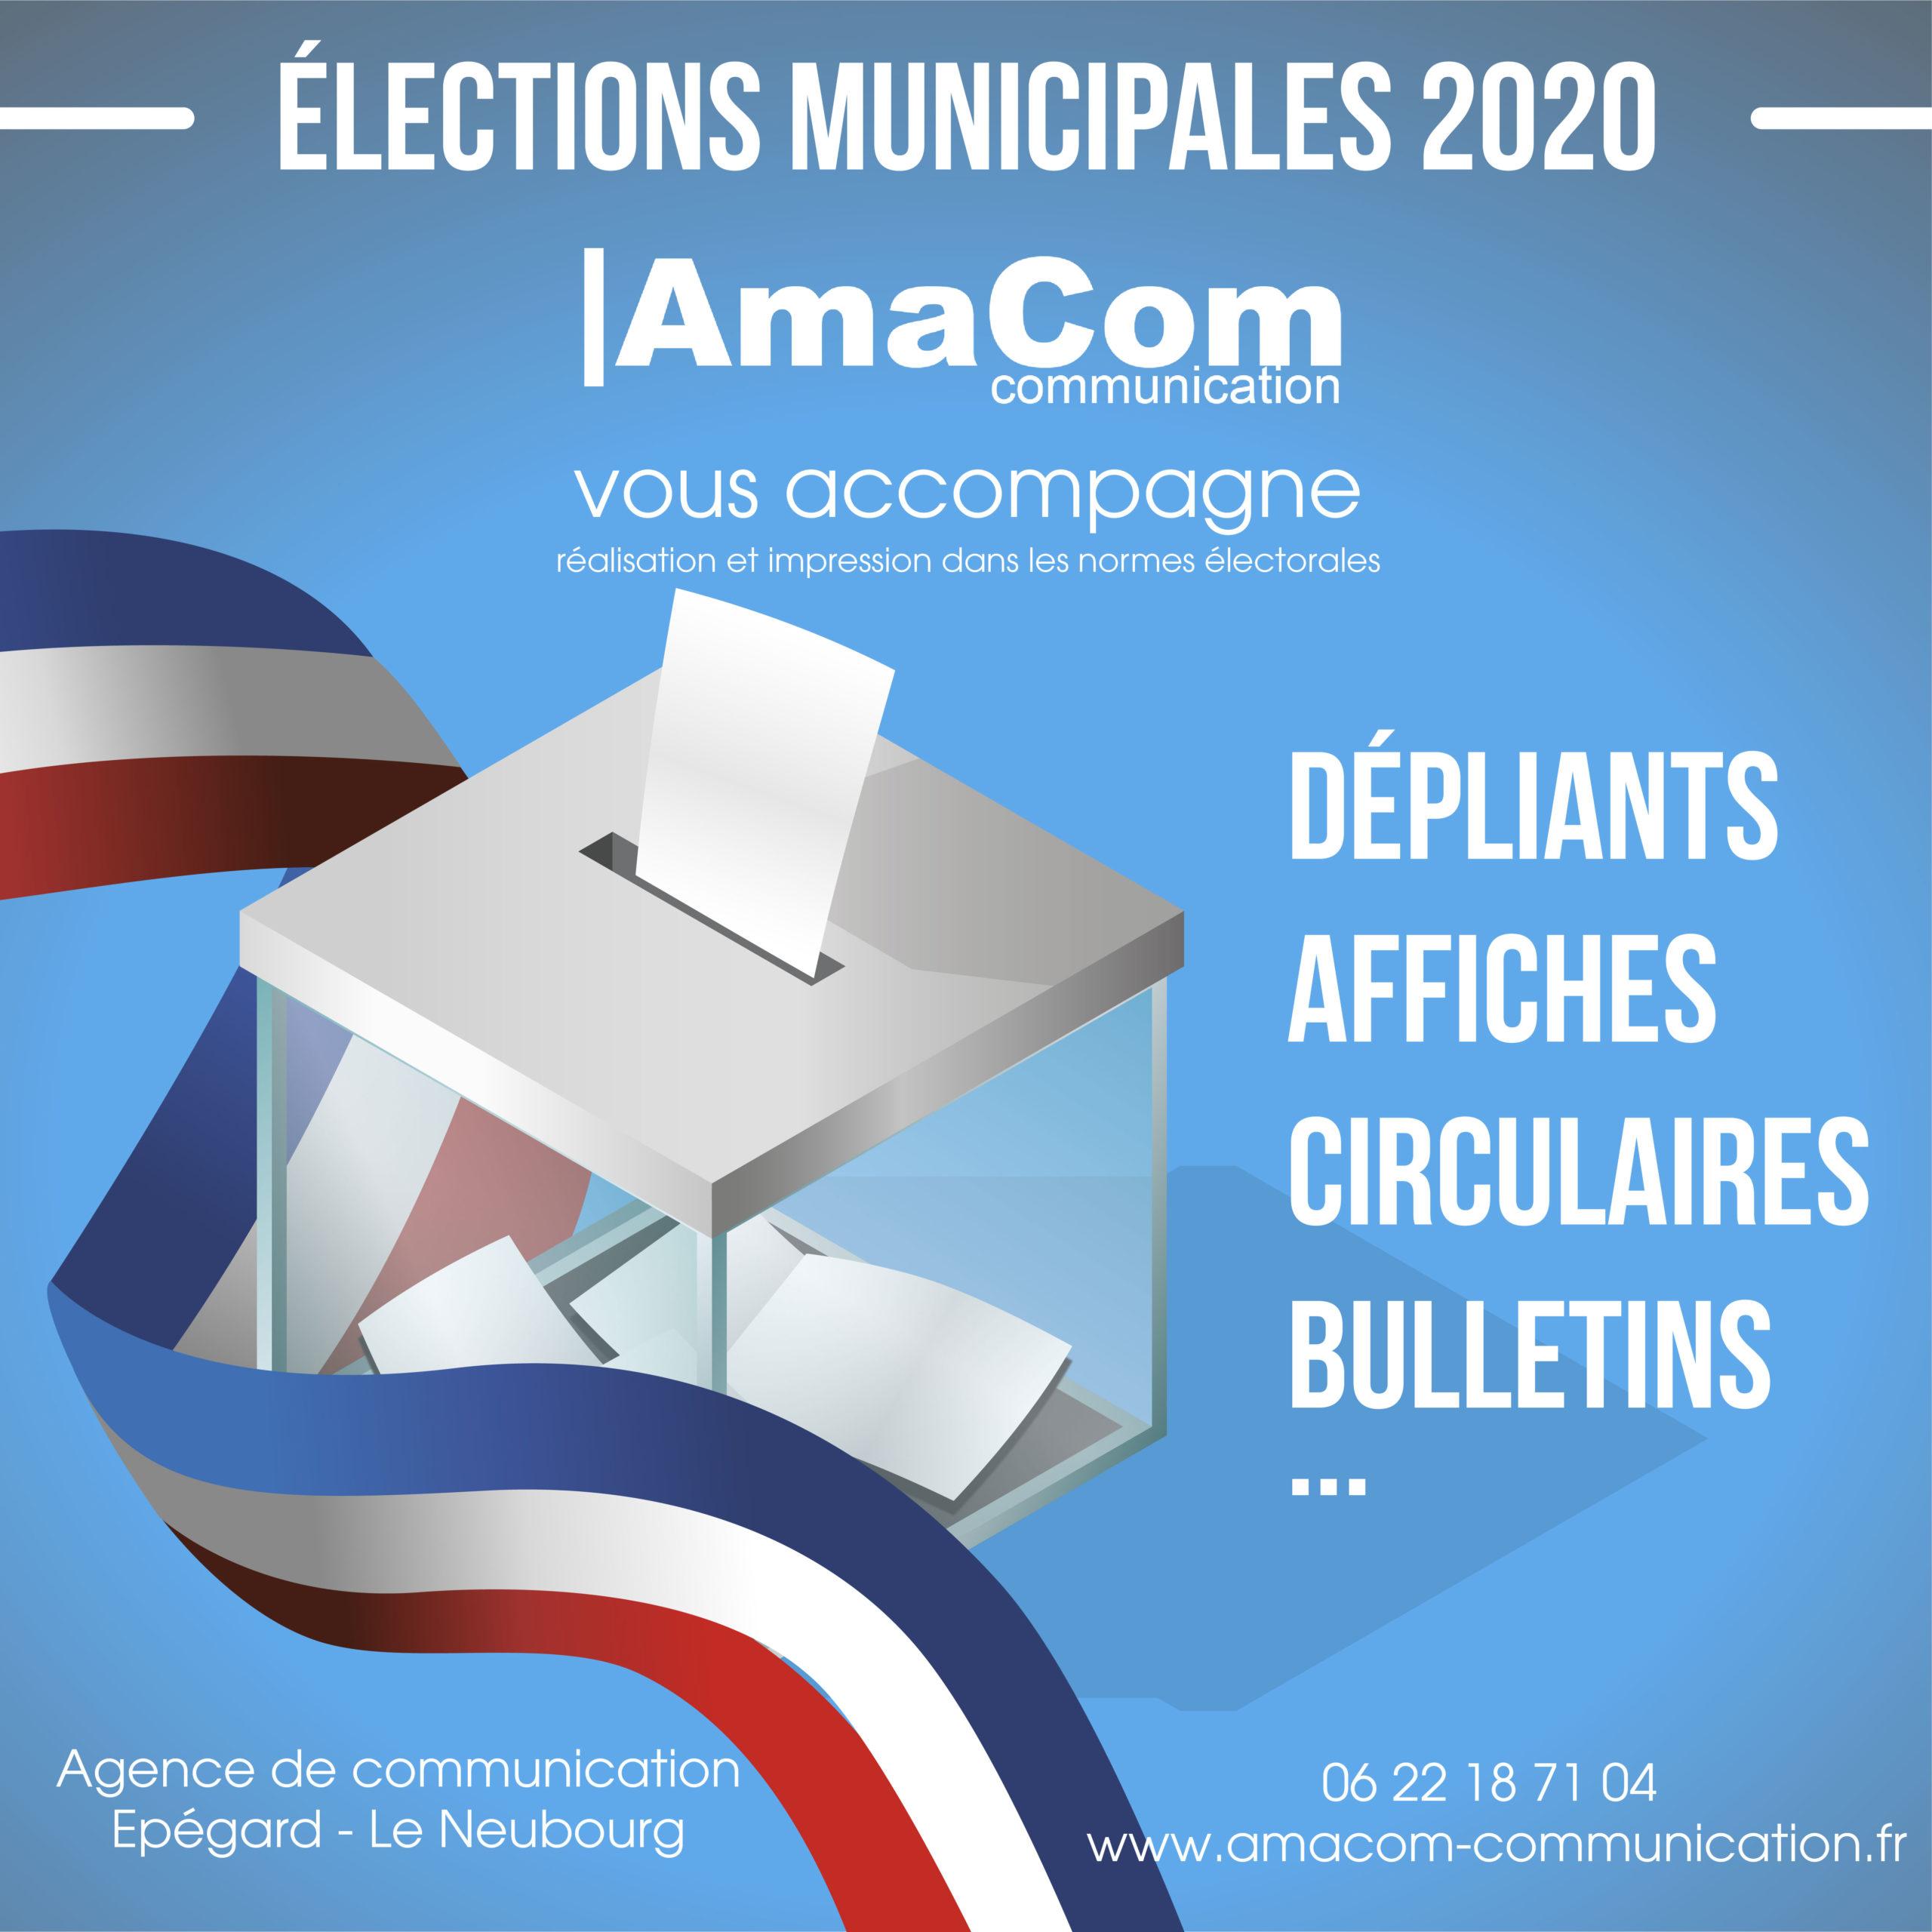 imprimerie agence communication eure normandie election municipale le neubourg